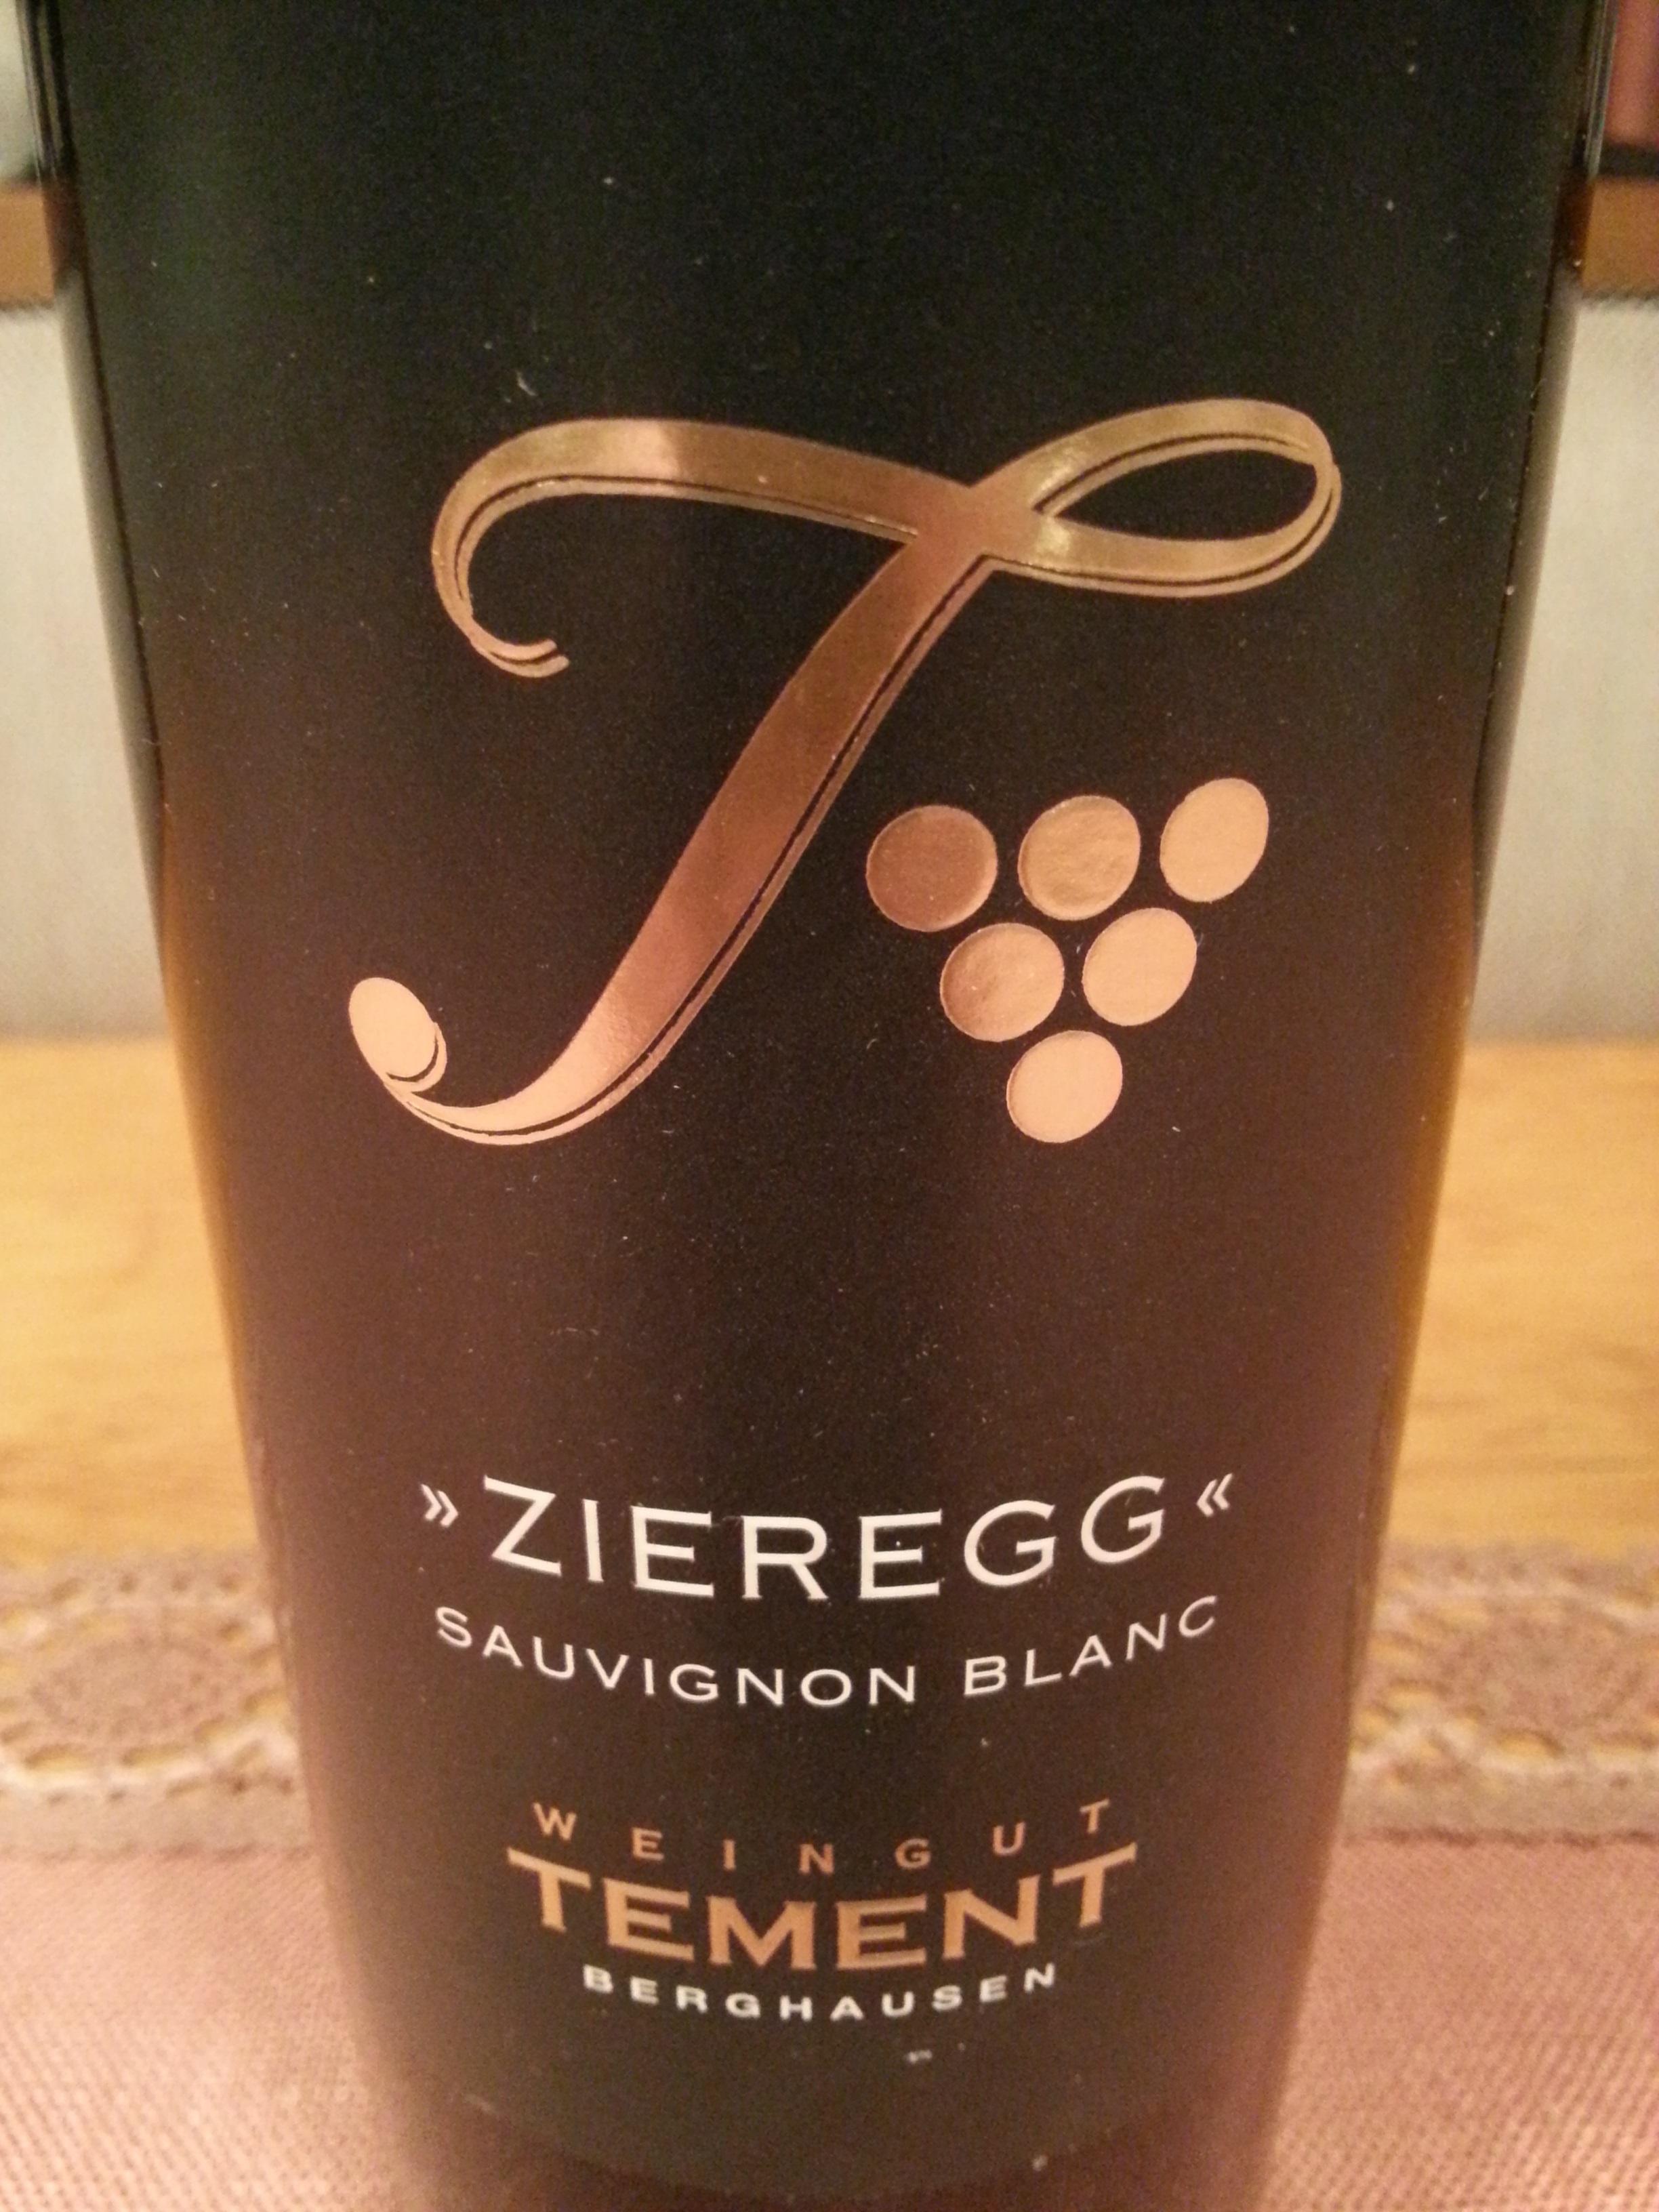 2011 Sauvignon Blanc Zieregg Große STK Lage | Tement